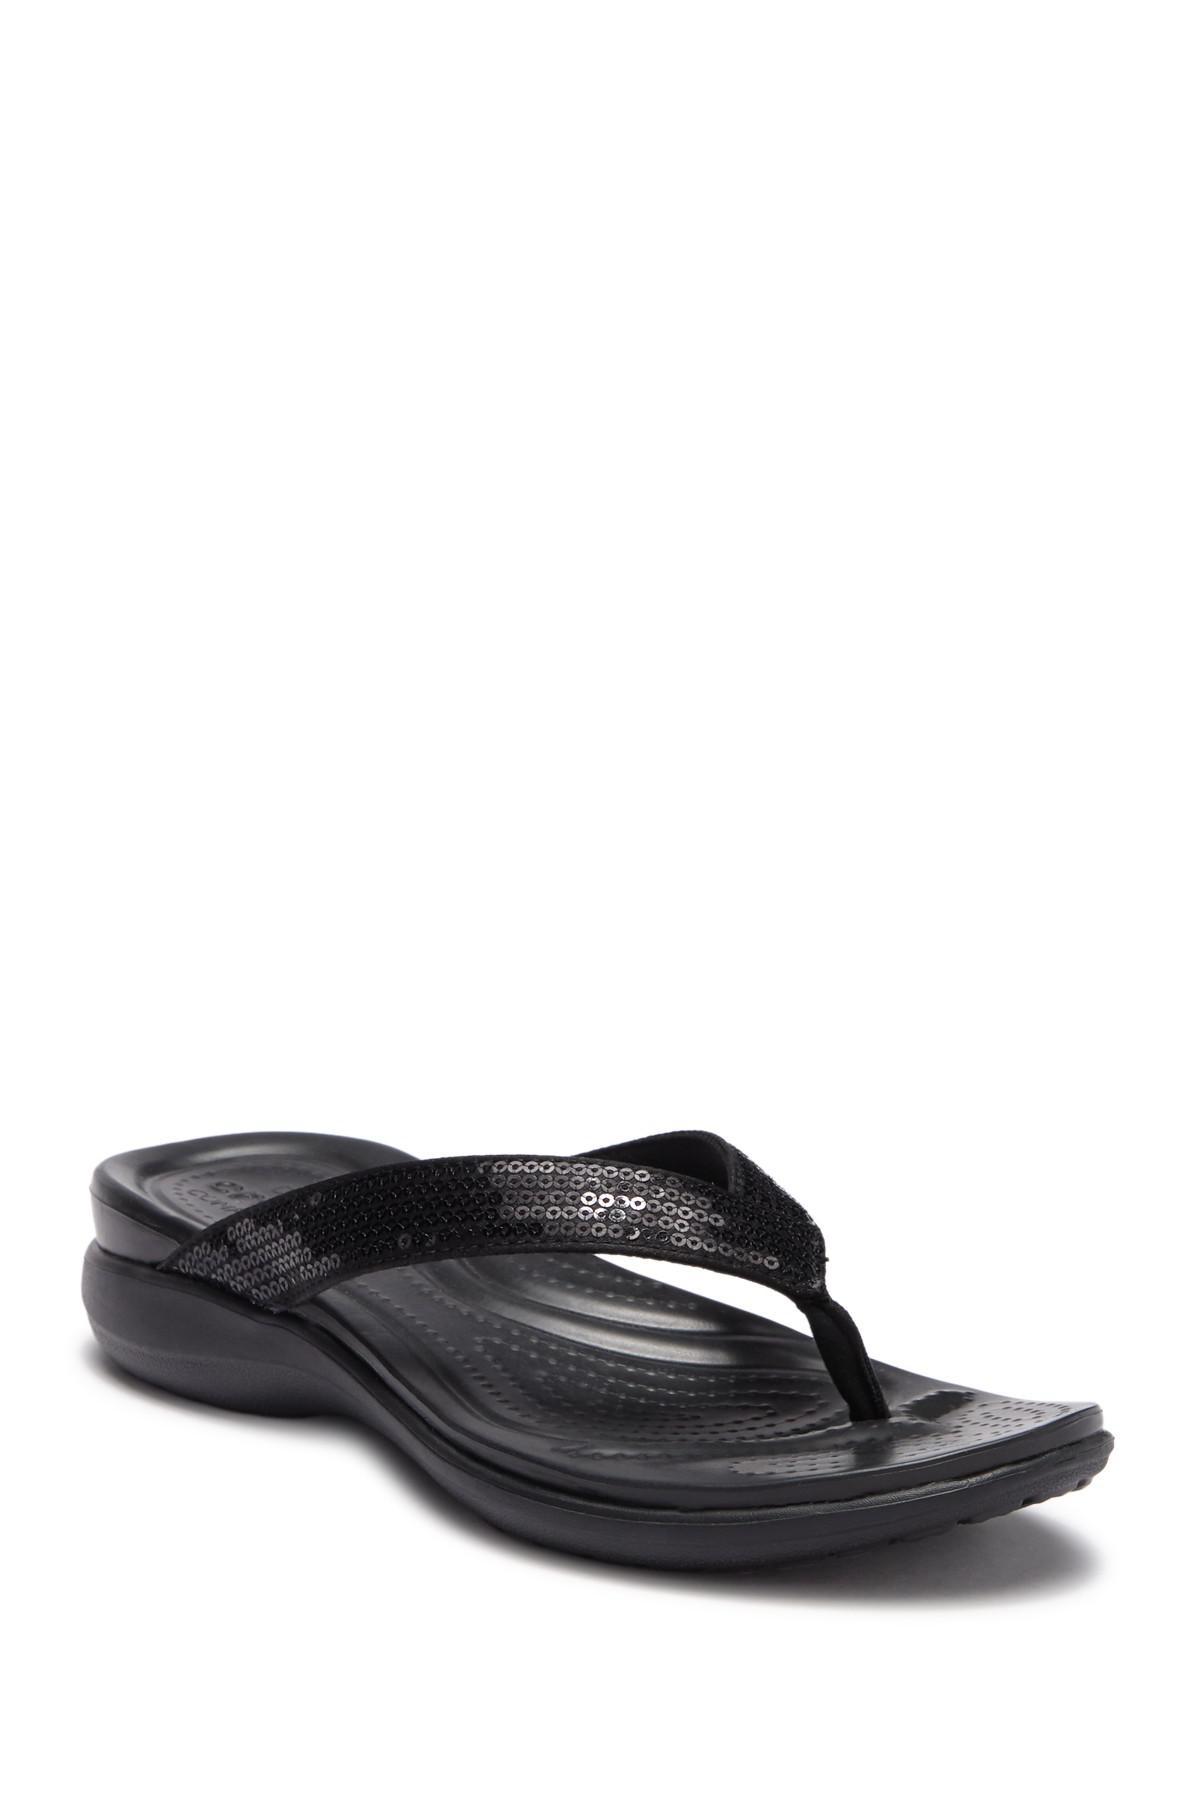 86cafbf0eb7 Lyst - Crocs™ Capri V Sequin Flip Flop